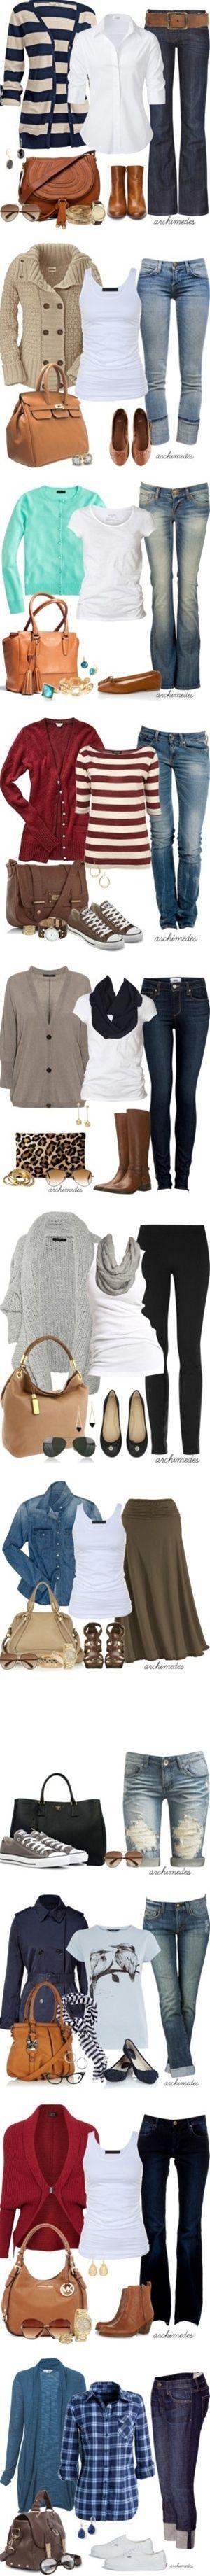 Cute Fall Outfit Ideas for Sydney Geiger!!!!! @Sydney Martin Geiger